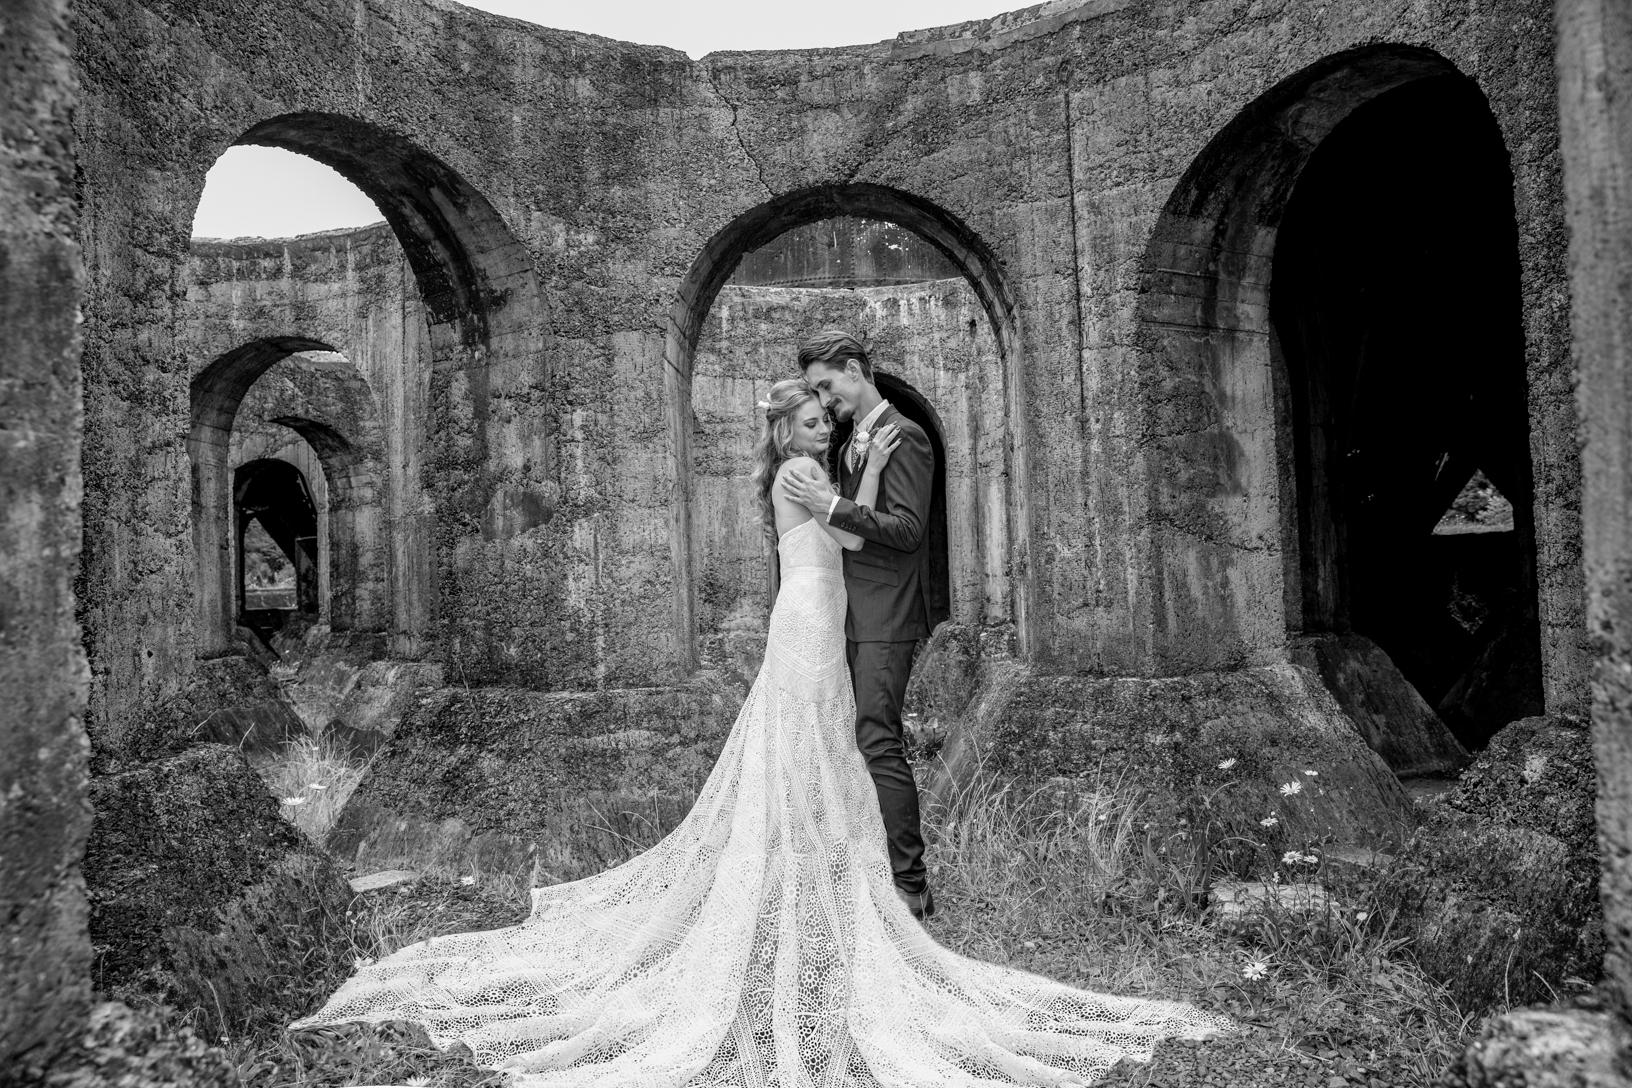 Bride_and_Groom_in_Idustrial_ruins